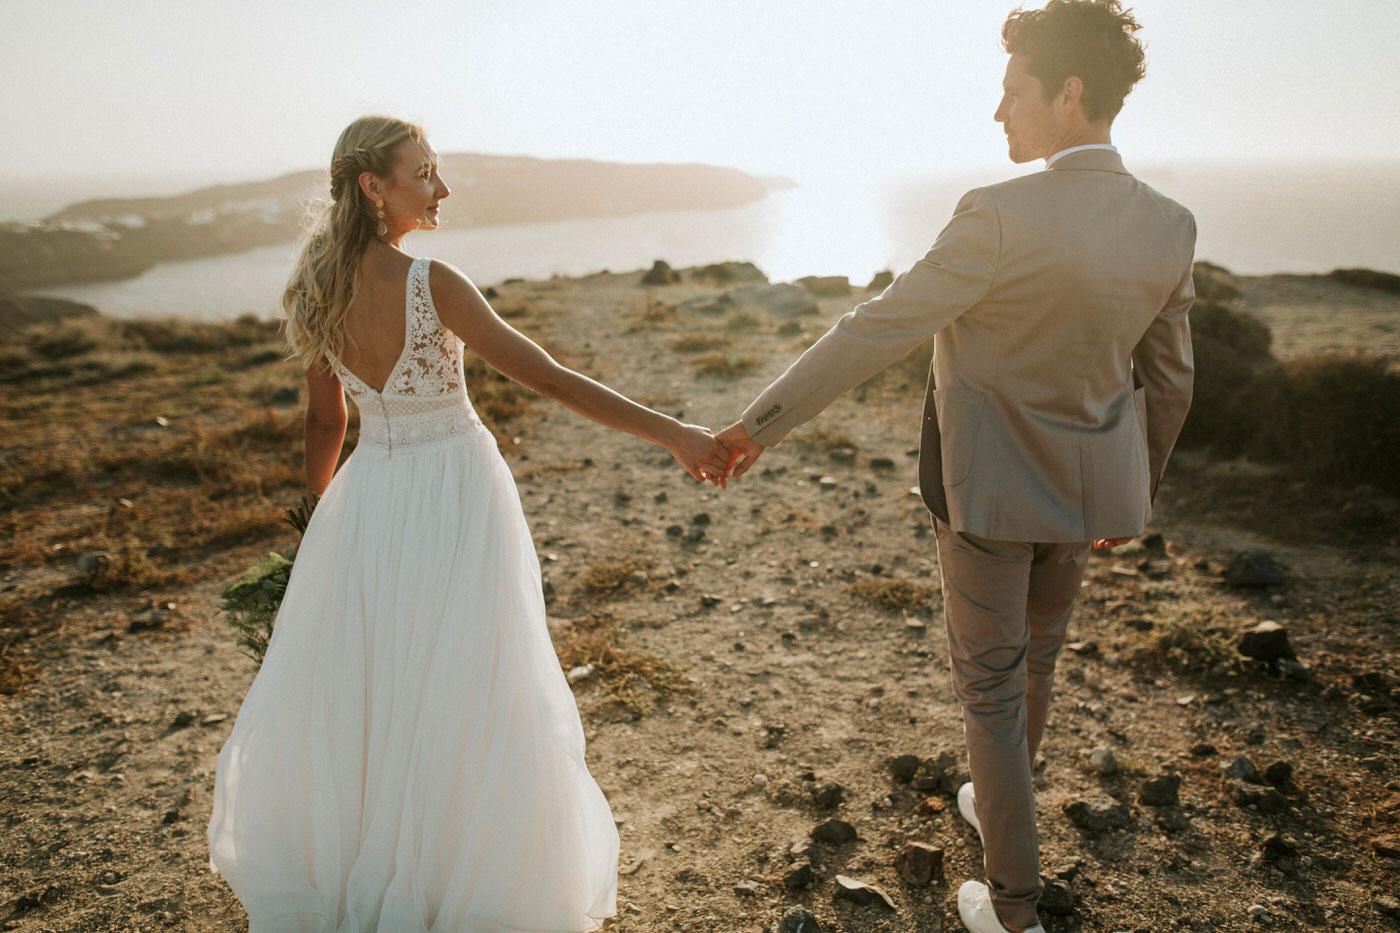 Romantic El Viento Wedding in Greece